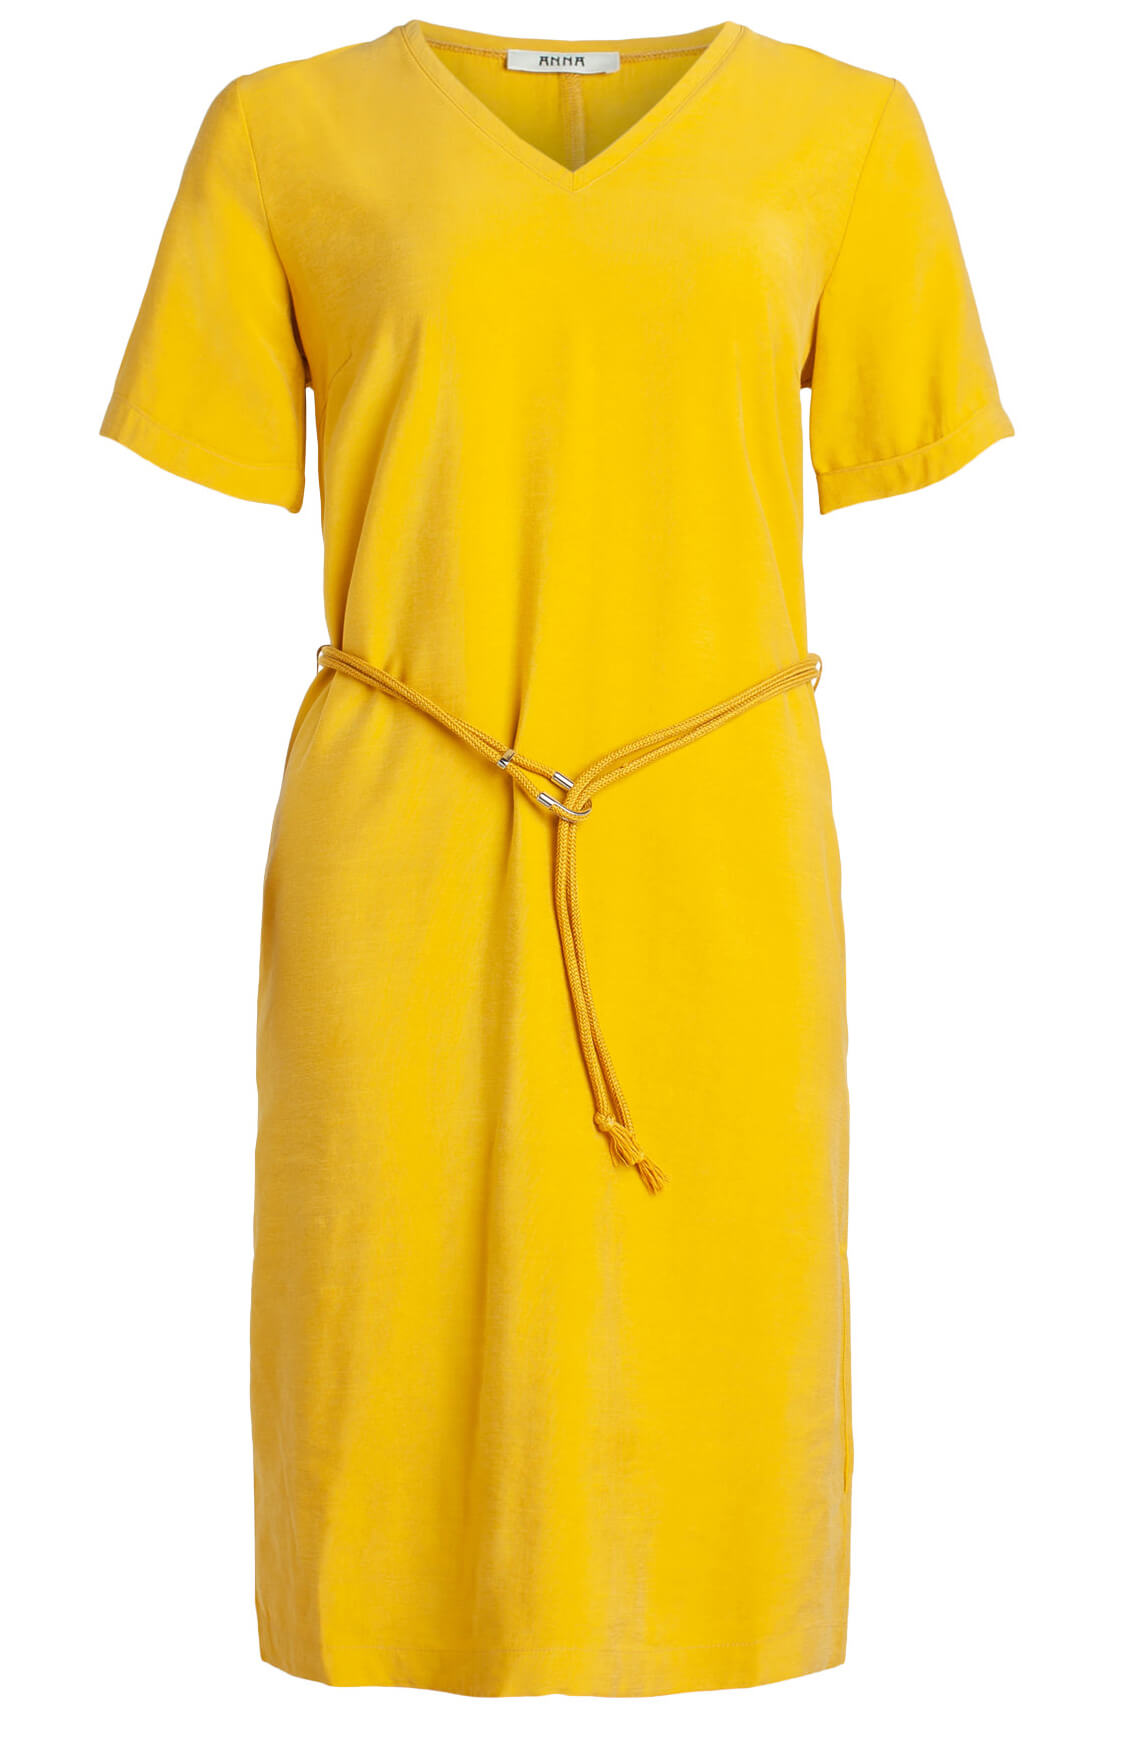 Anna Dames Jurk met koord geel